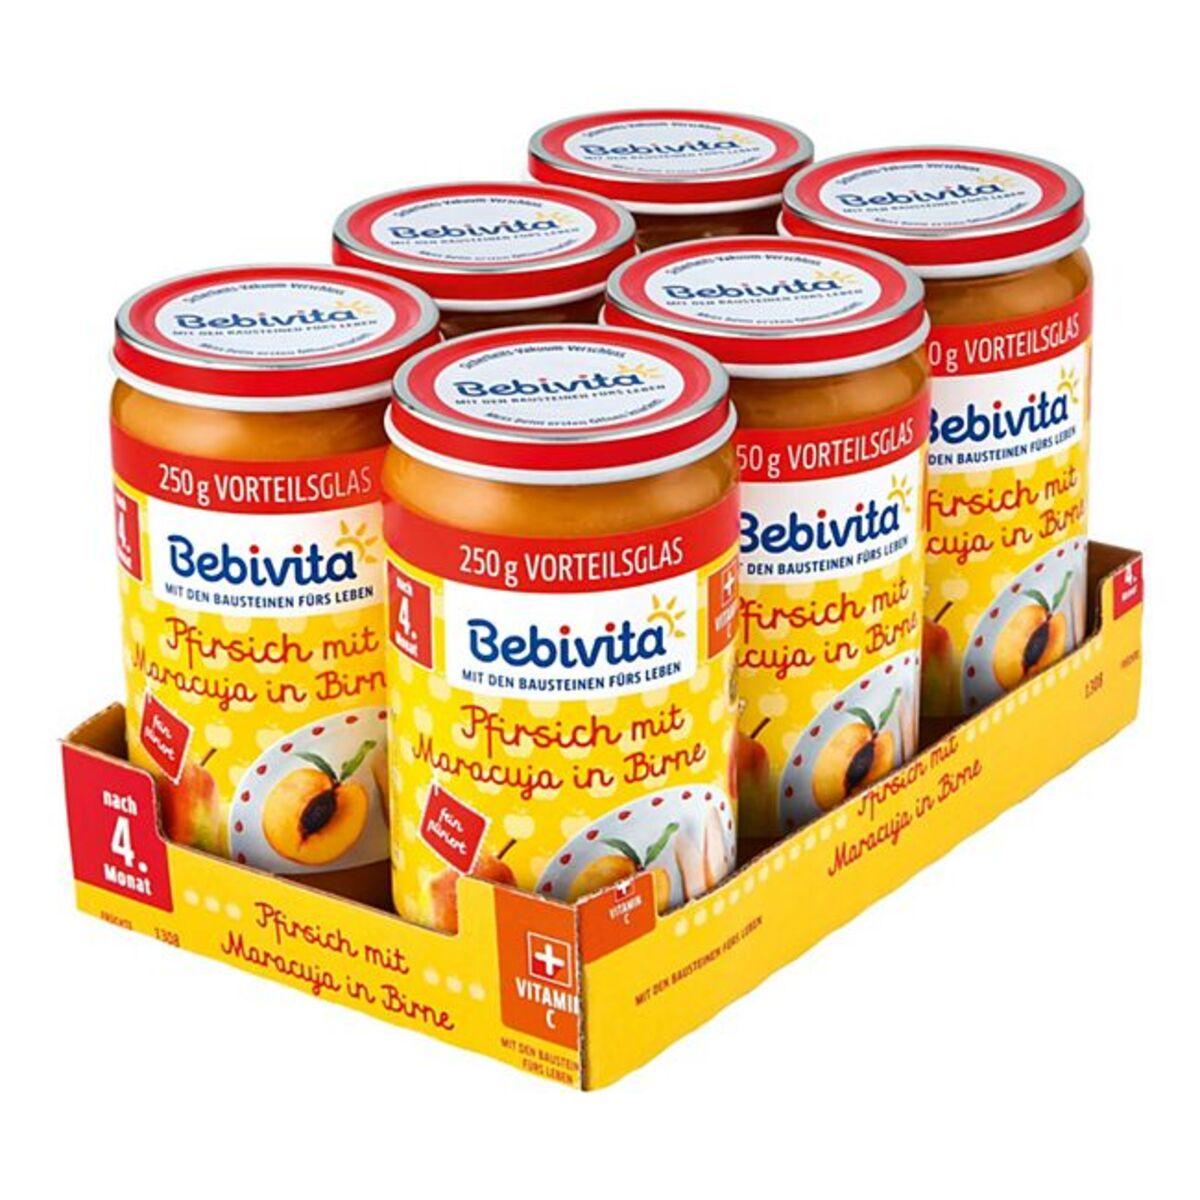 Bild 1 von Bebivita Pfirsich mit Maracuja in Birne 250 g, 6er Pack